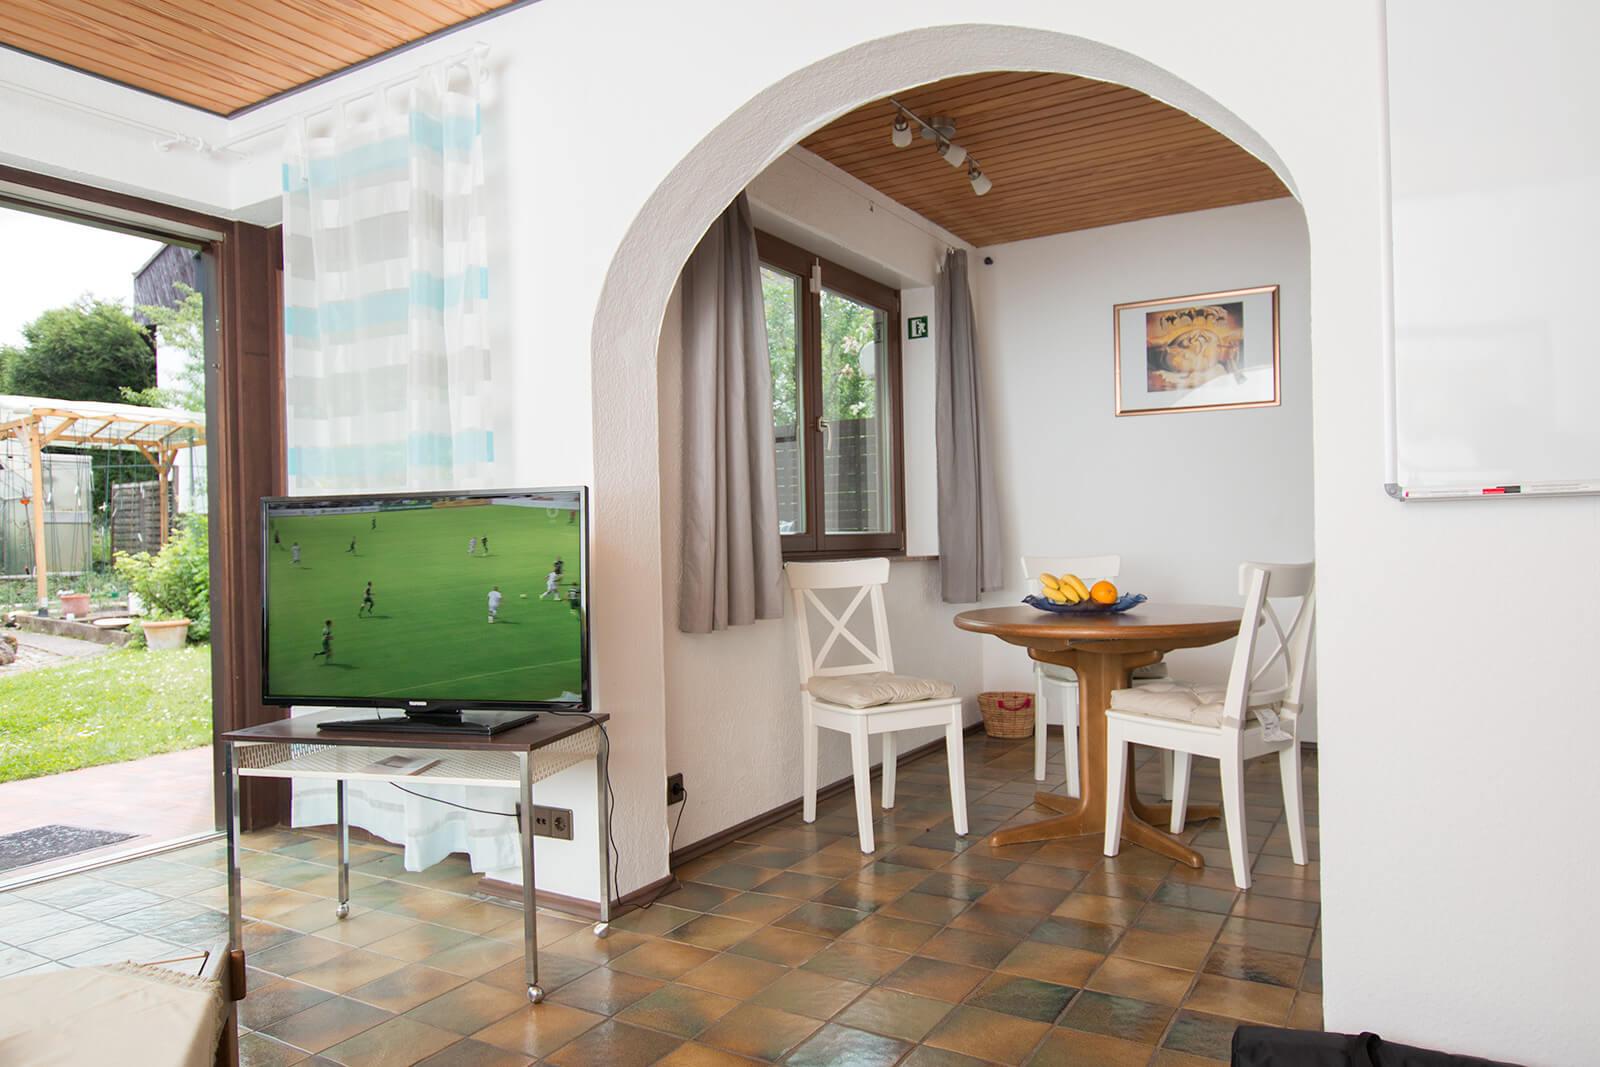 42 Zoll Flachbildschirm und Essecke mit Blick auf den Garten der Ferienwohnung